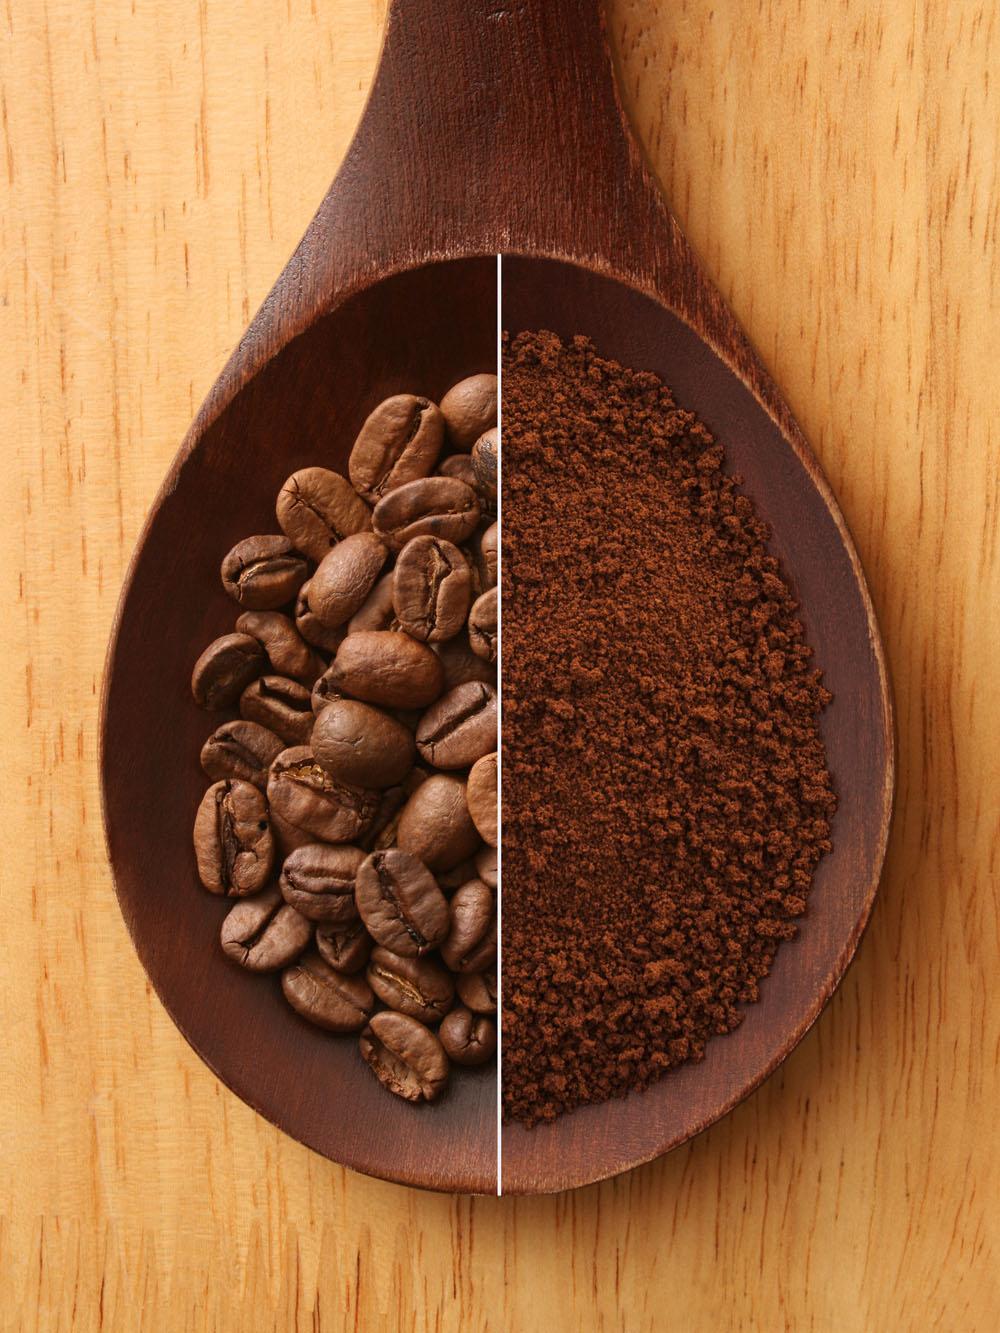 Trị da sần sùi bằng cà phê hiệu quả không ngờ - 2